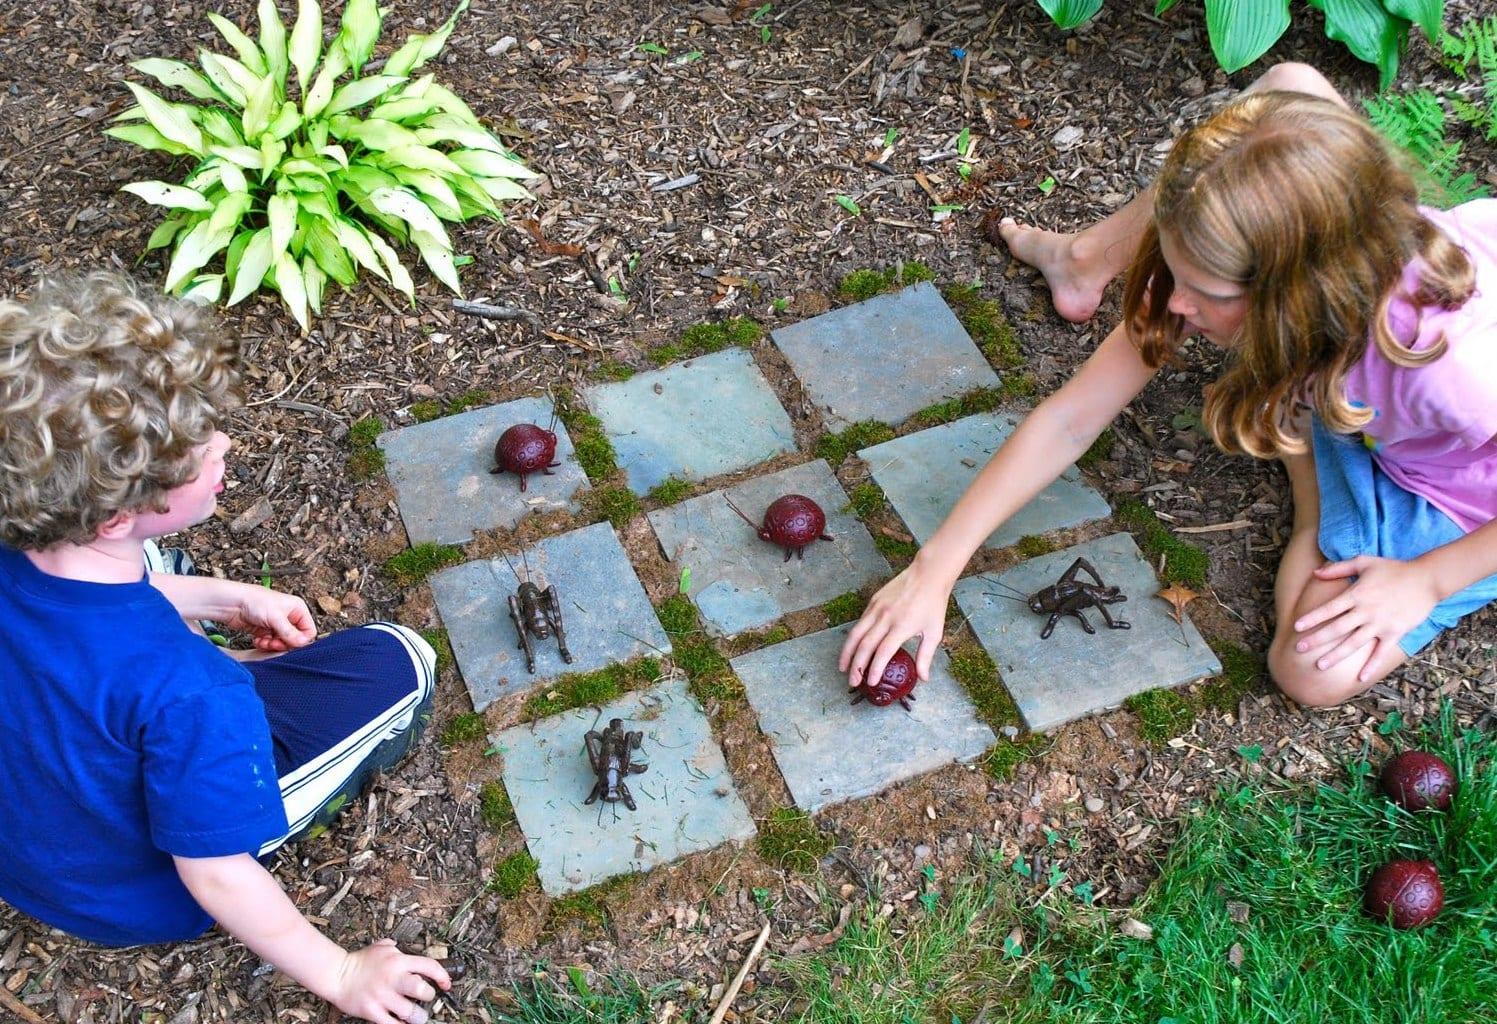 Idee Für Kinderspiele Außen. DIY Kinderspielplatz Aus Naturmaterialien